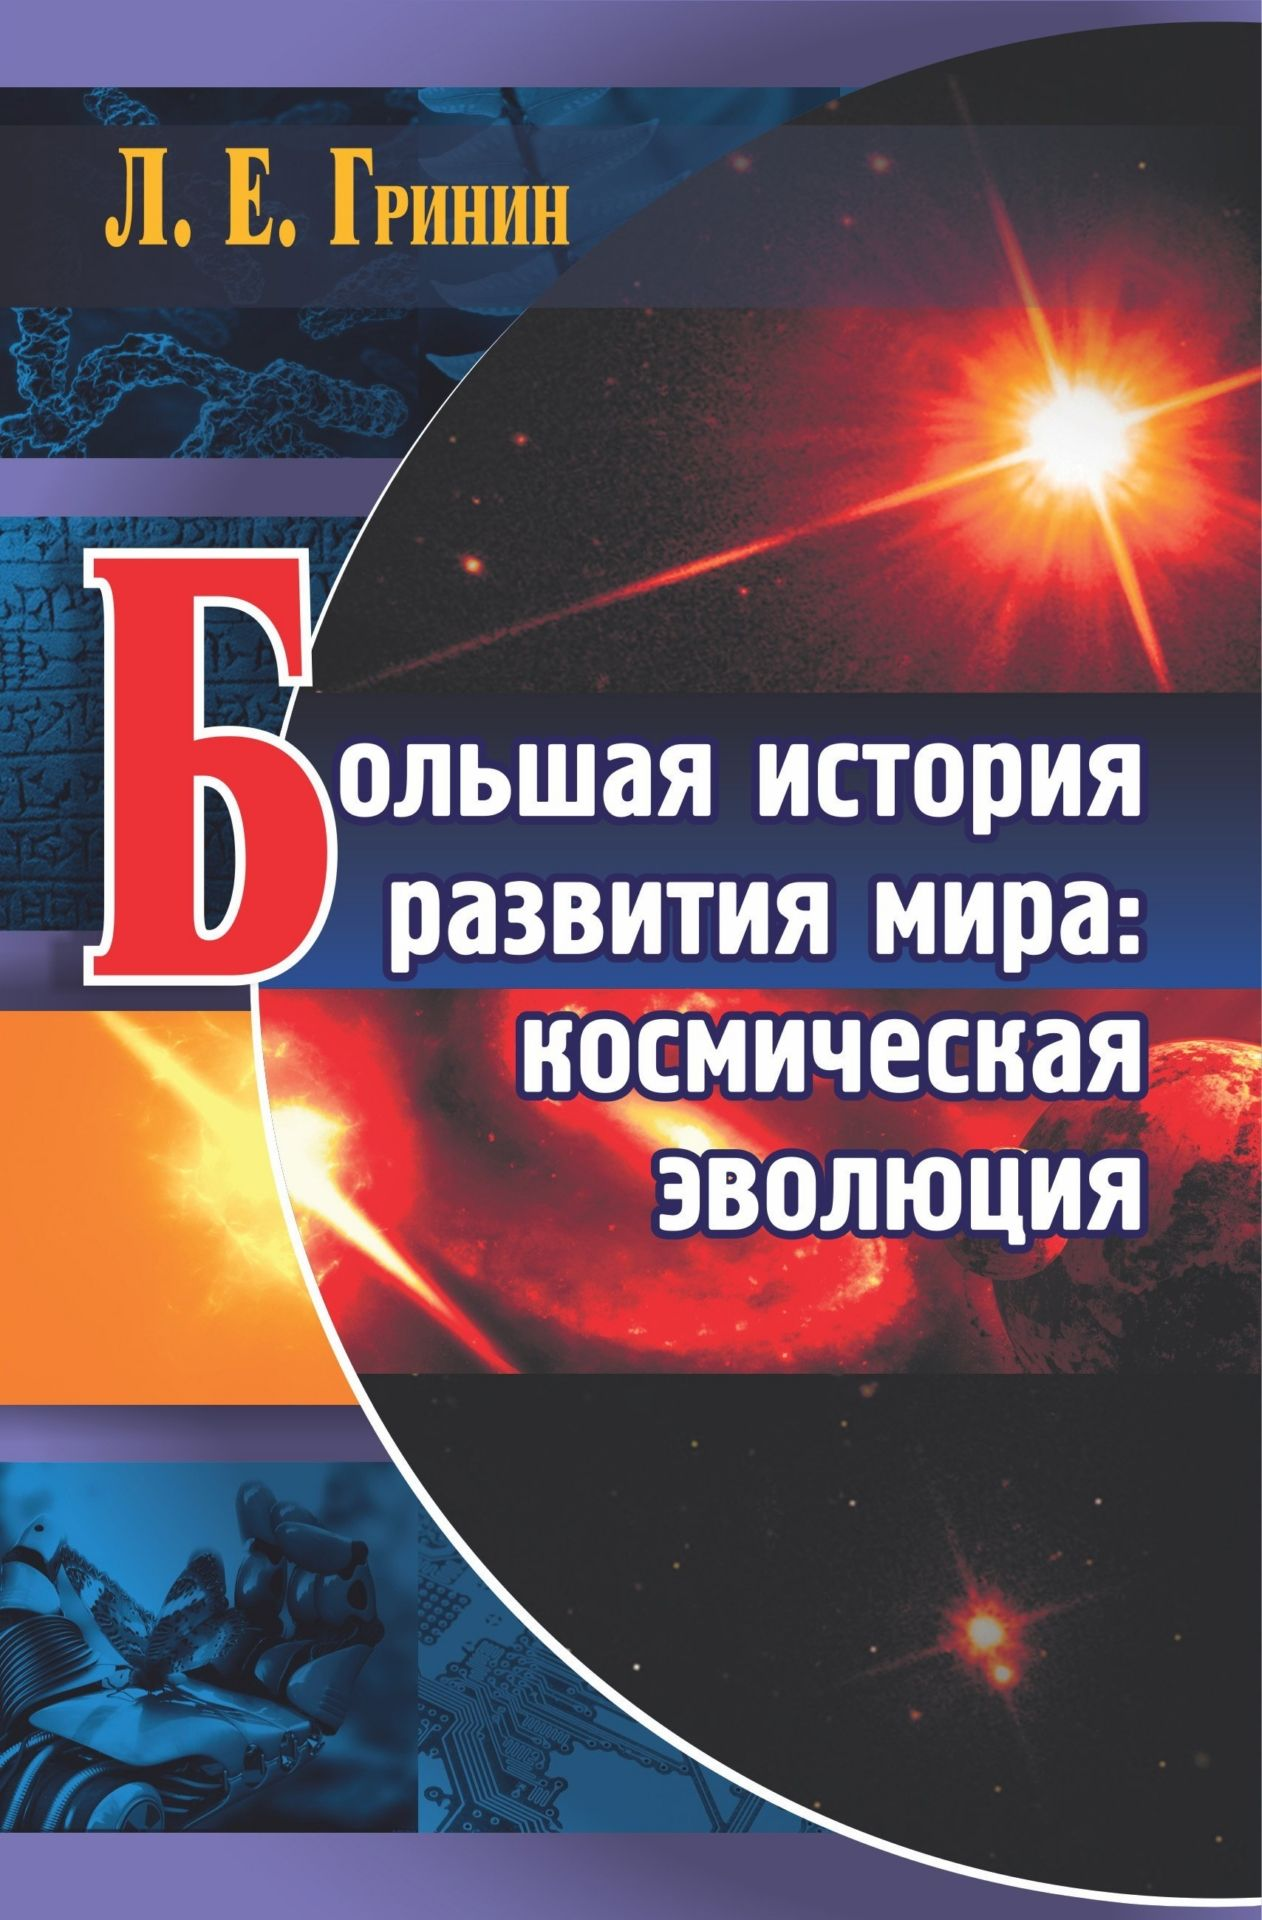 Большая история развития мира: космическая эволюция